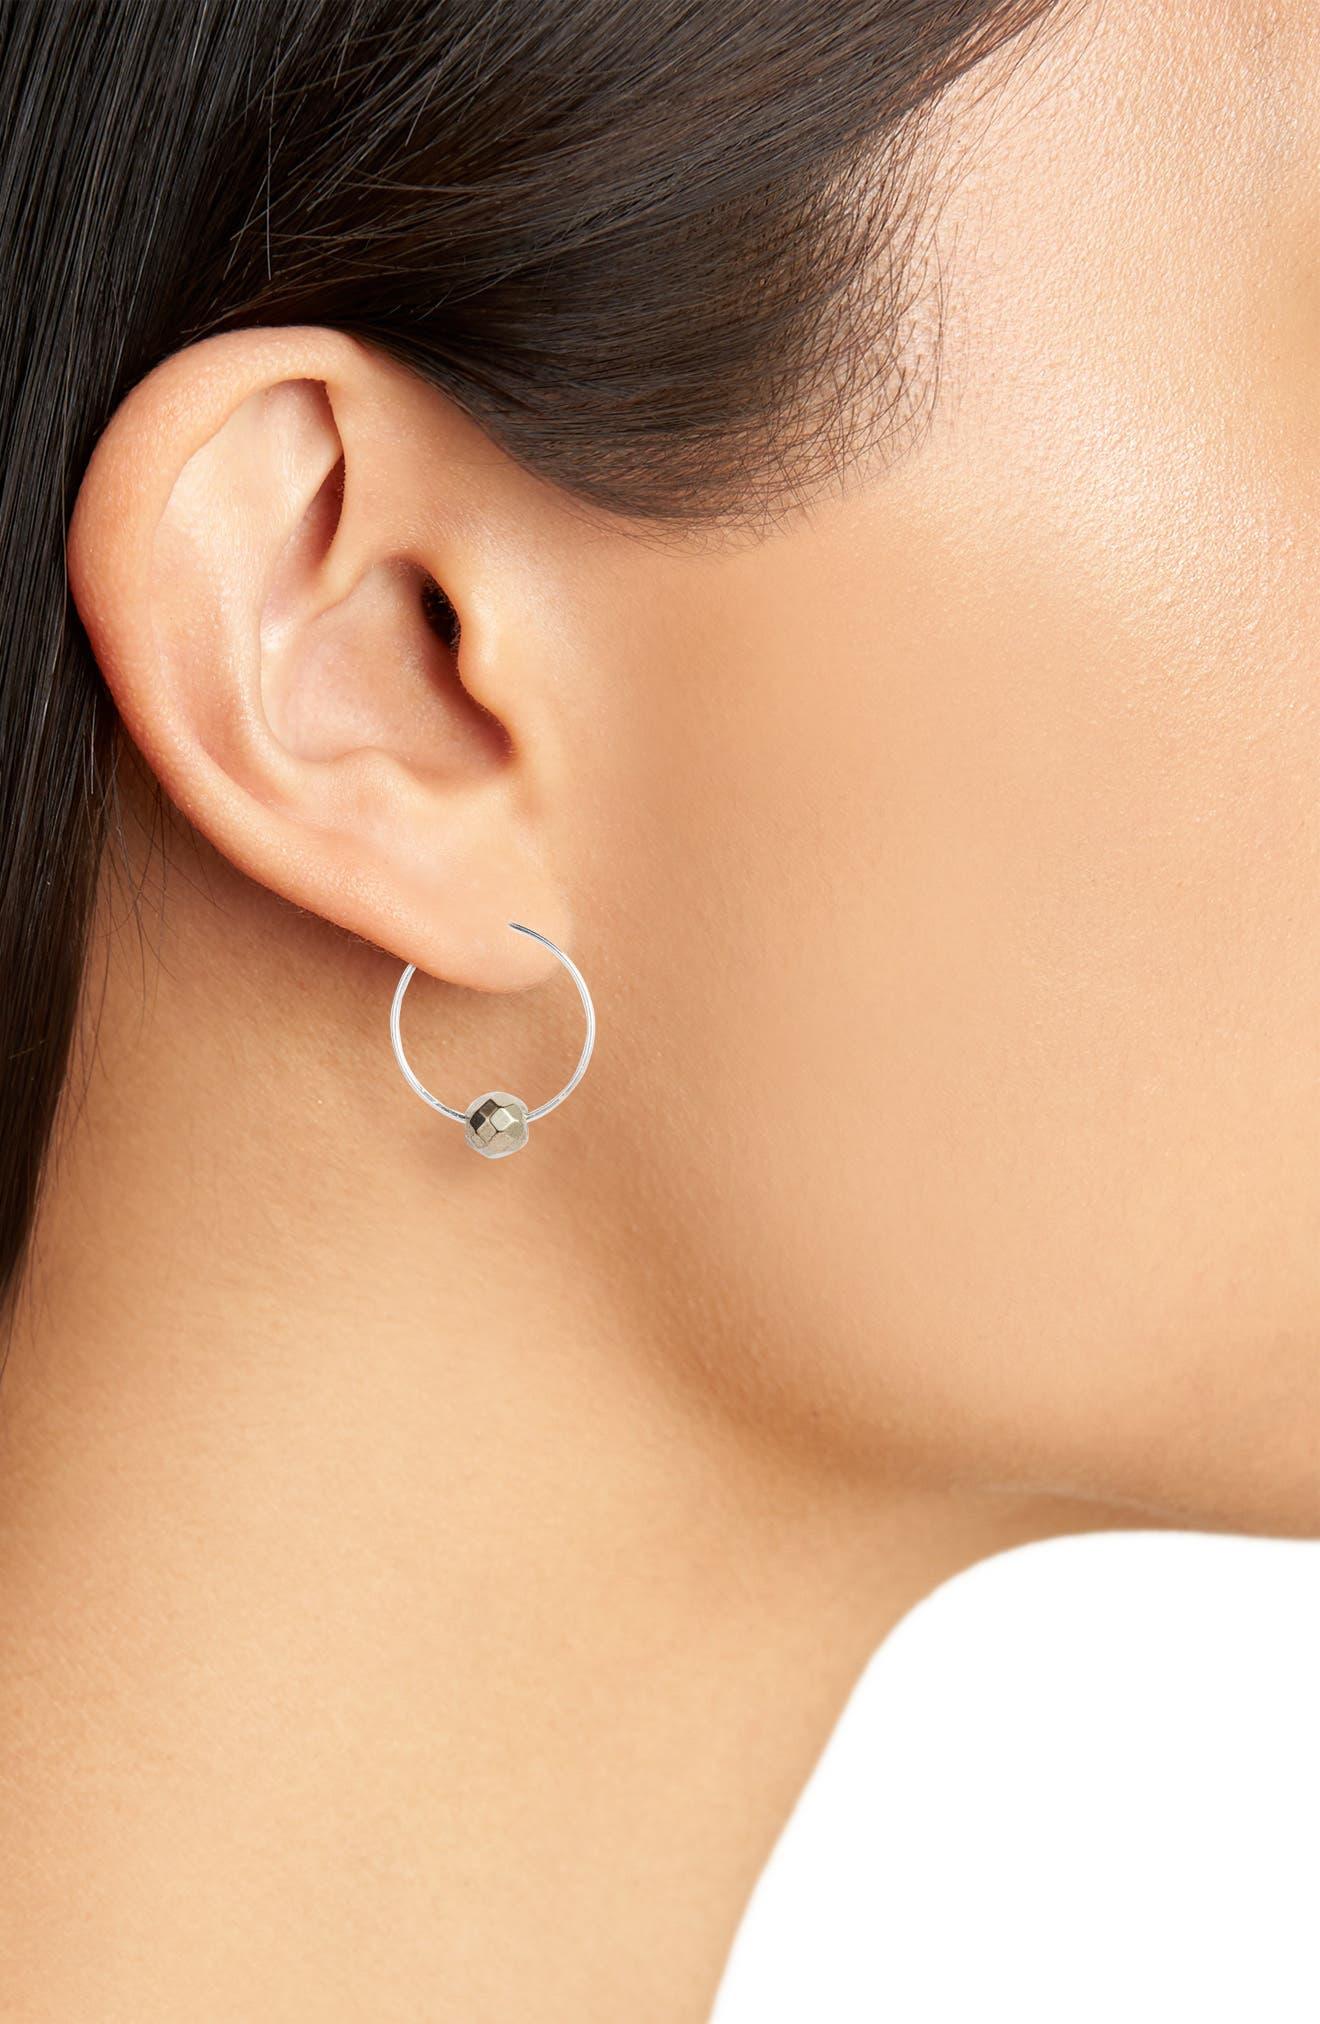 Labradorite Floating Hoop Earrings,                             Alternate thumbnail 2, color,                             041